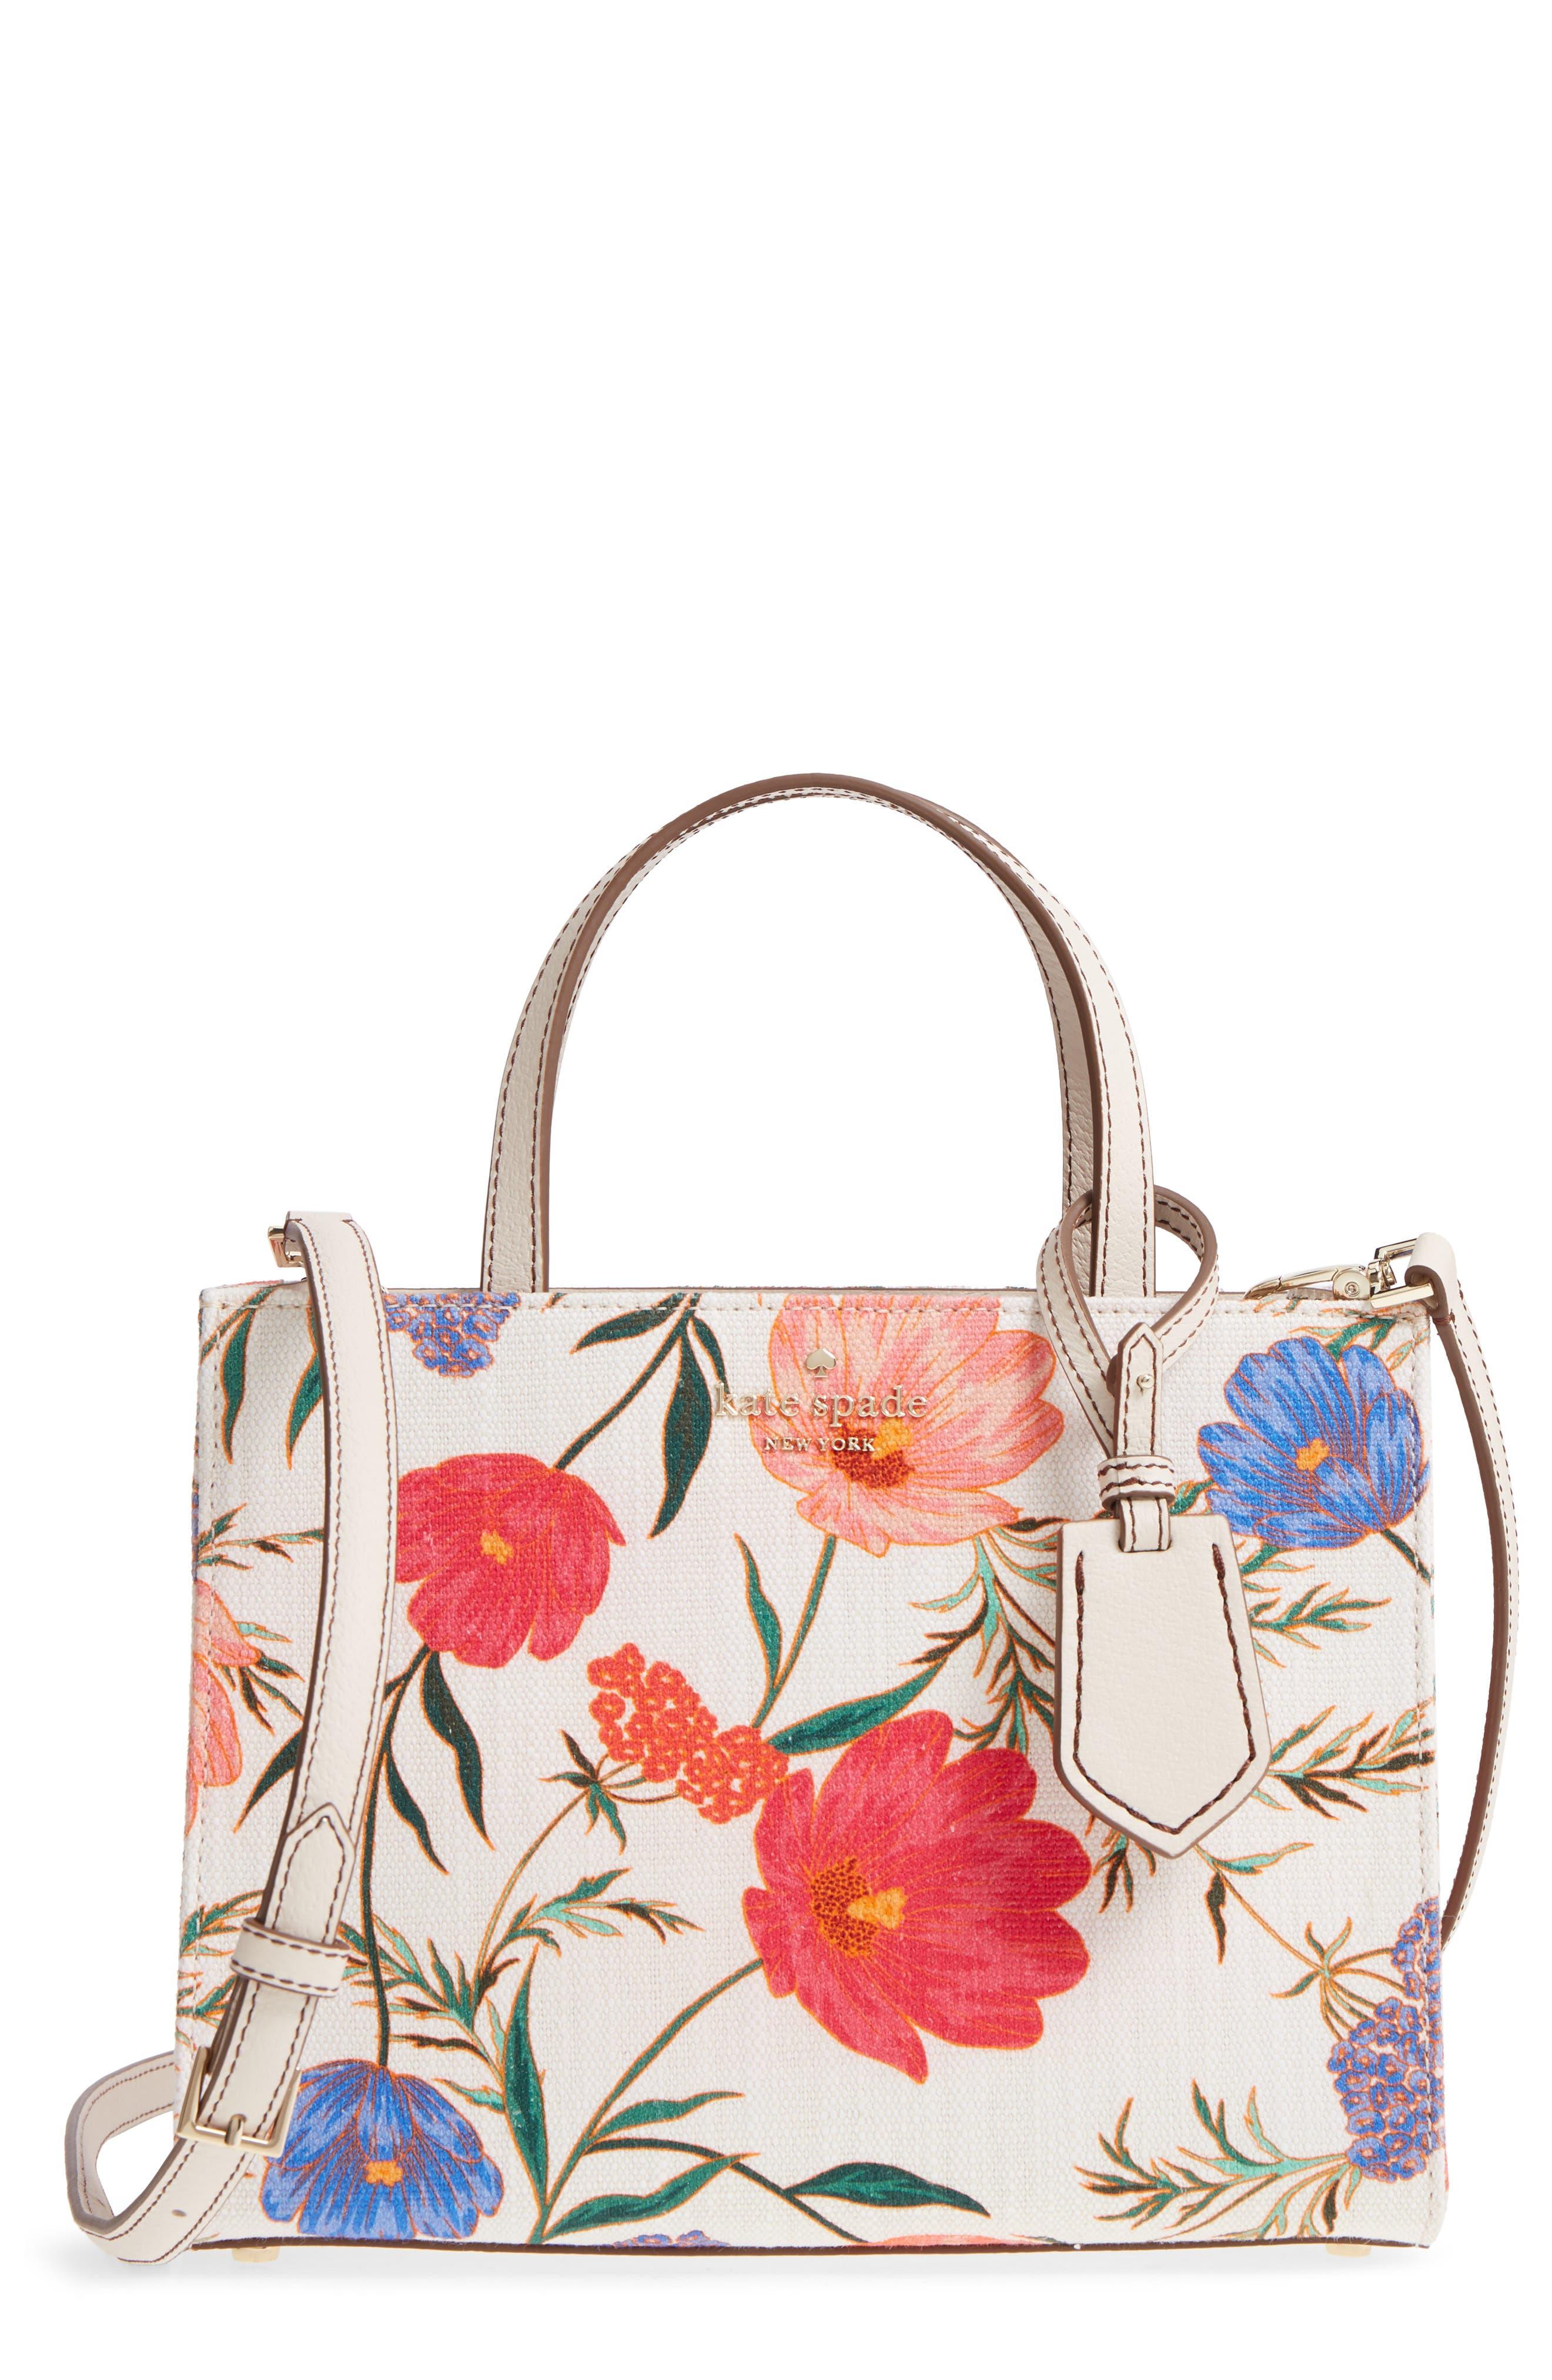 kate spade new york thompson street - sam fabric handbag